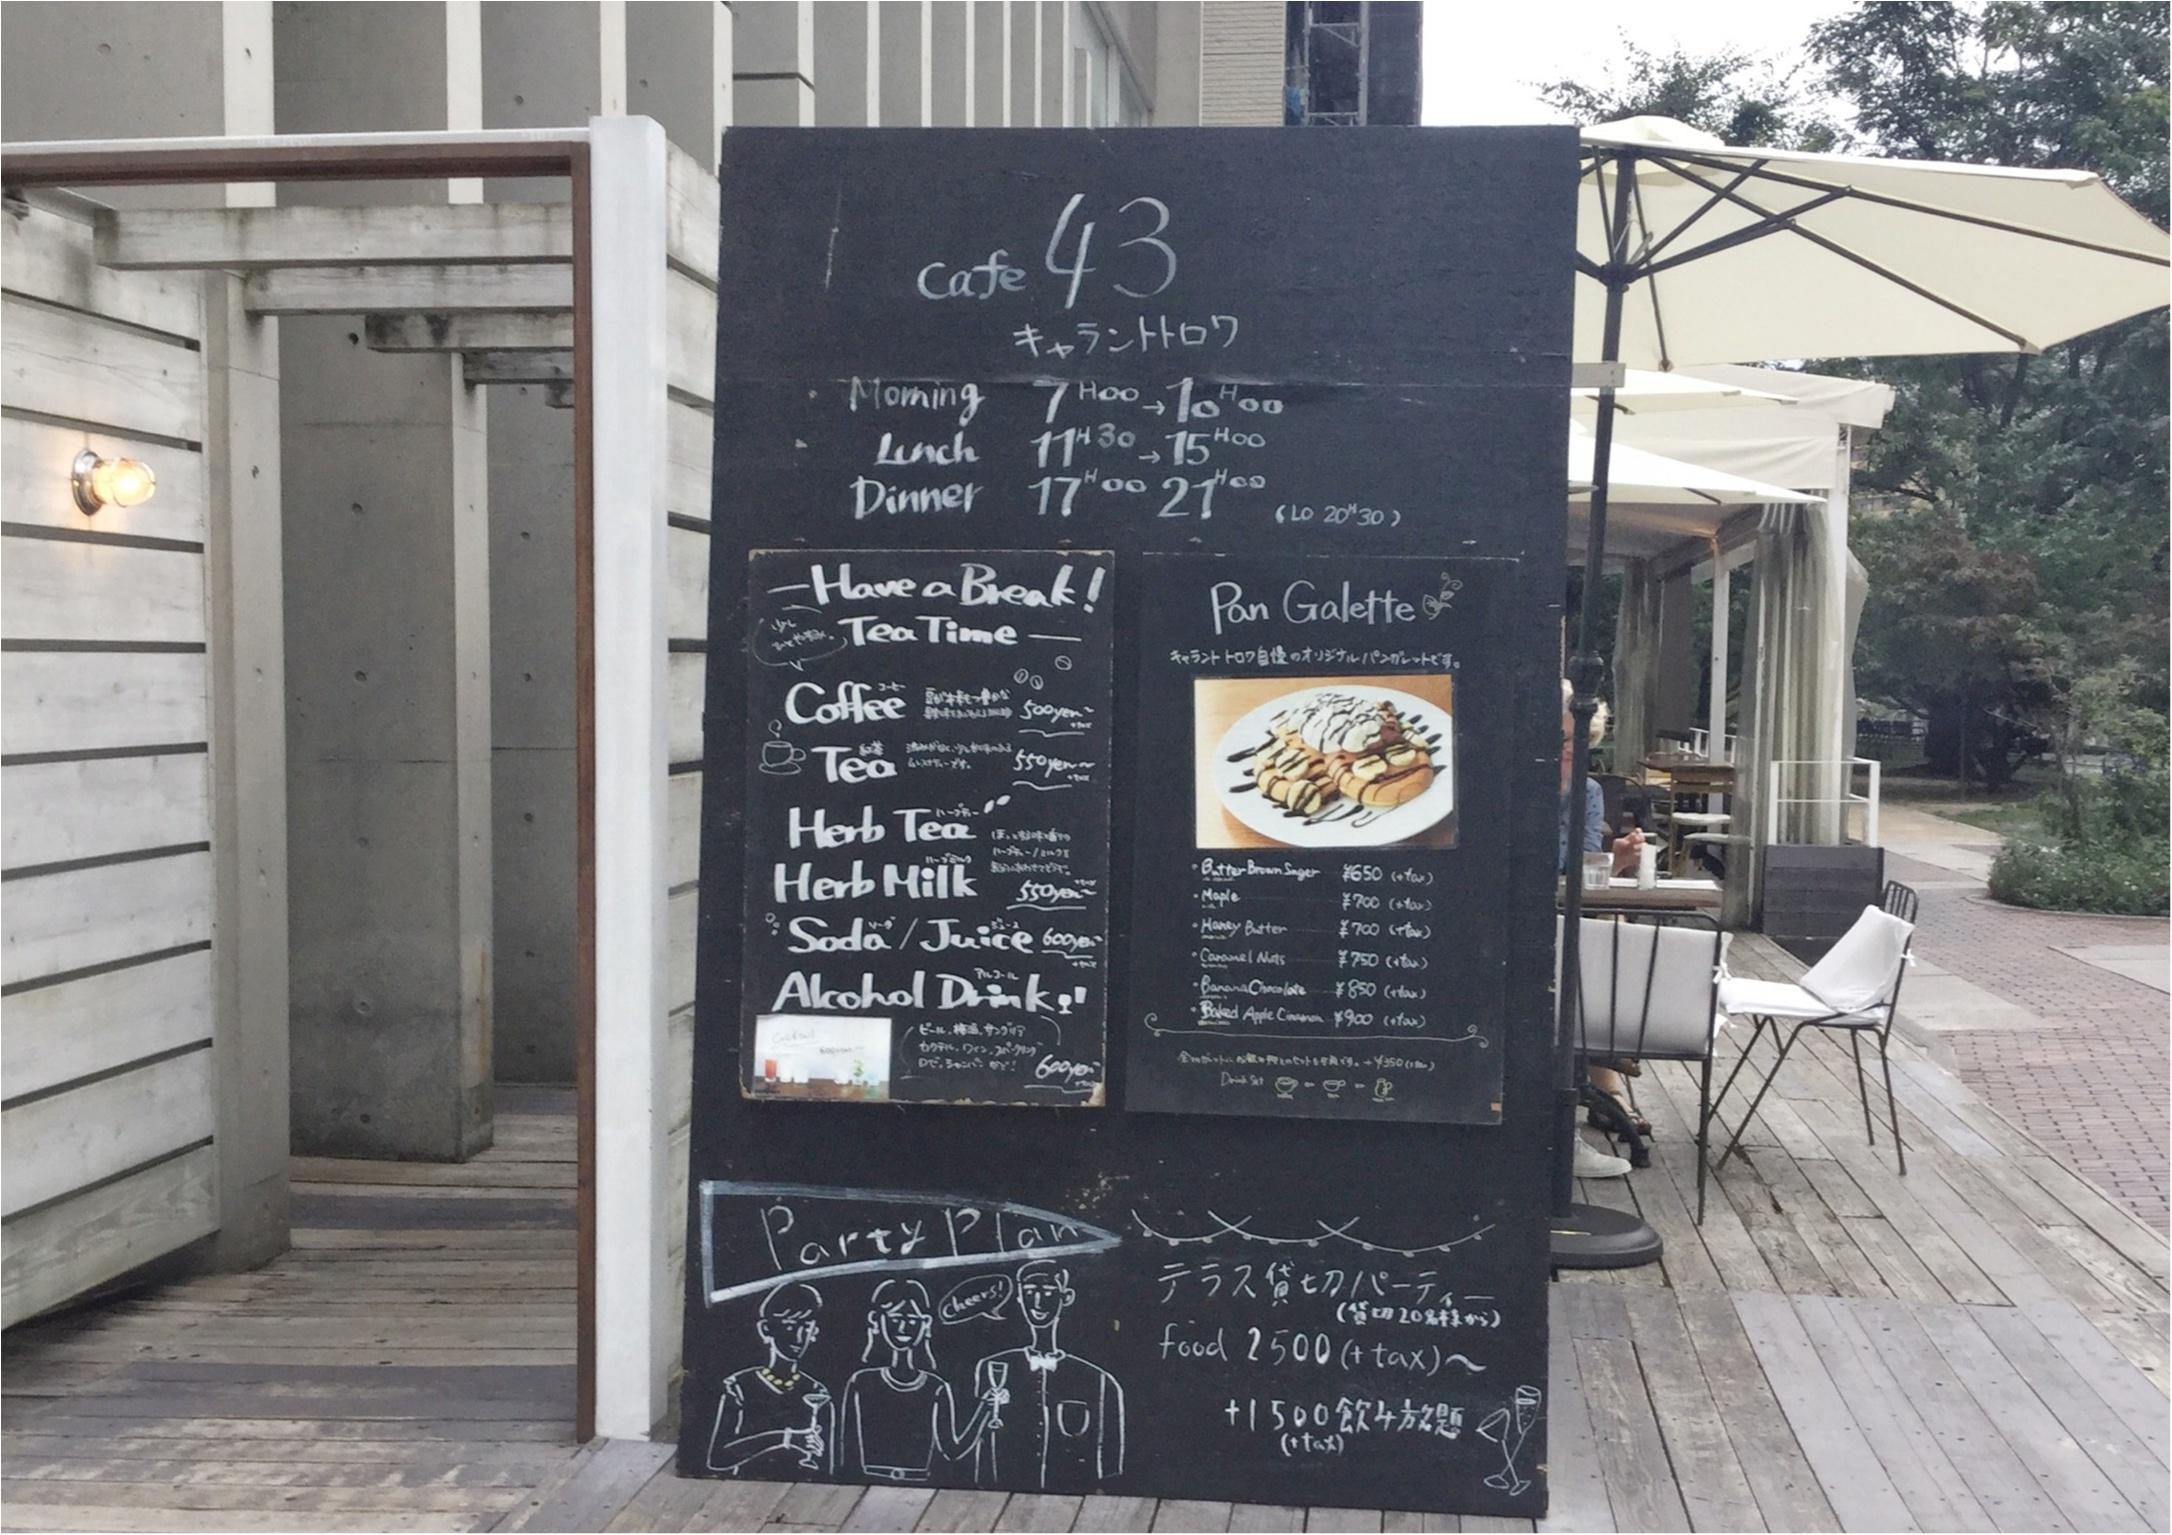 【人気No. 1カフェ】広島で最も人気なカフェ「43(キャラントトロワ)」パンガレットを食べながら癒しタイムを過ごしませんか?_1